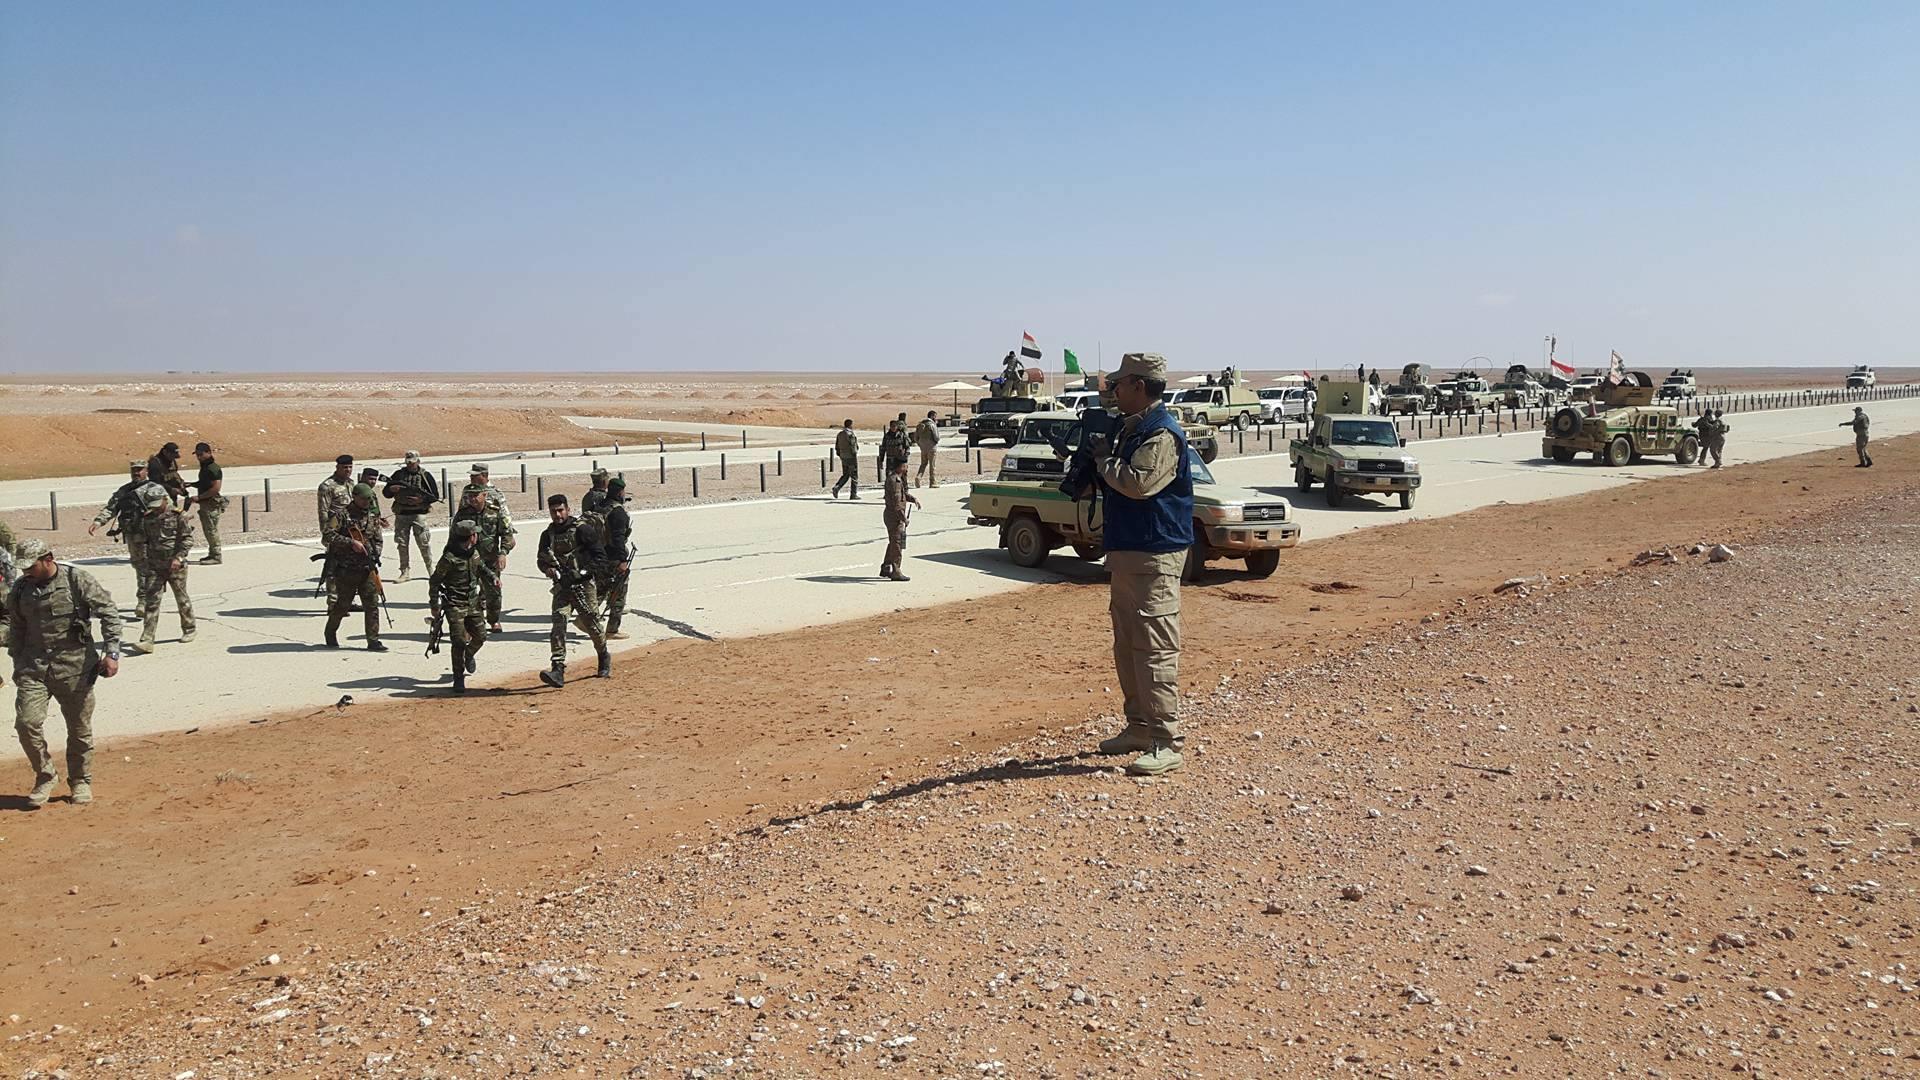 مقتل ضابط في حرس الحدود واصابة خمسة افراد بانفجار قرب الحدود السعودية